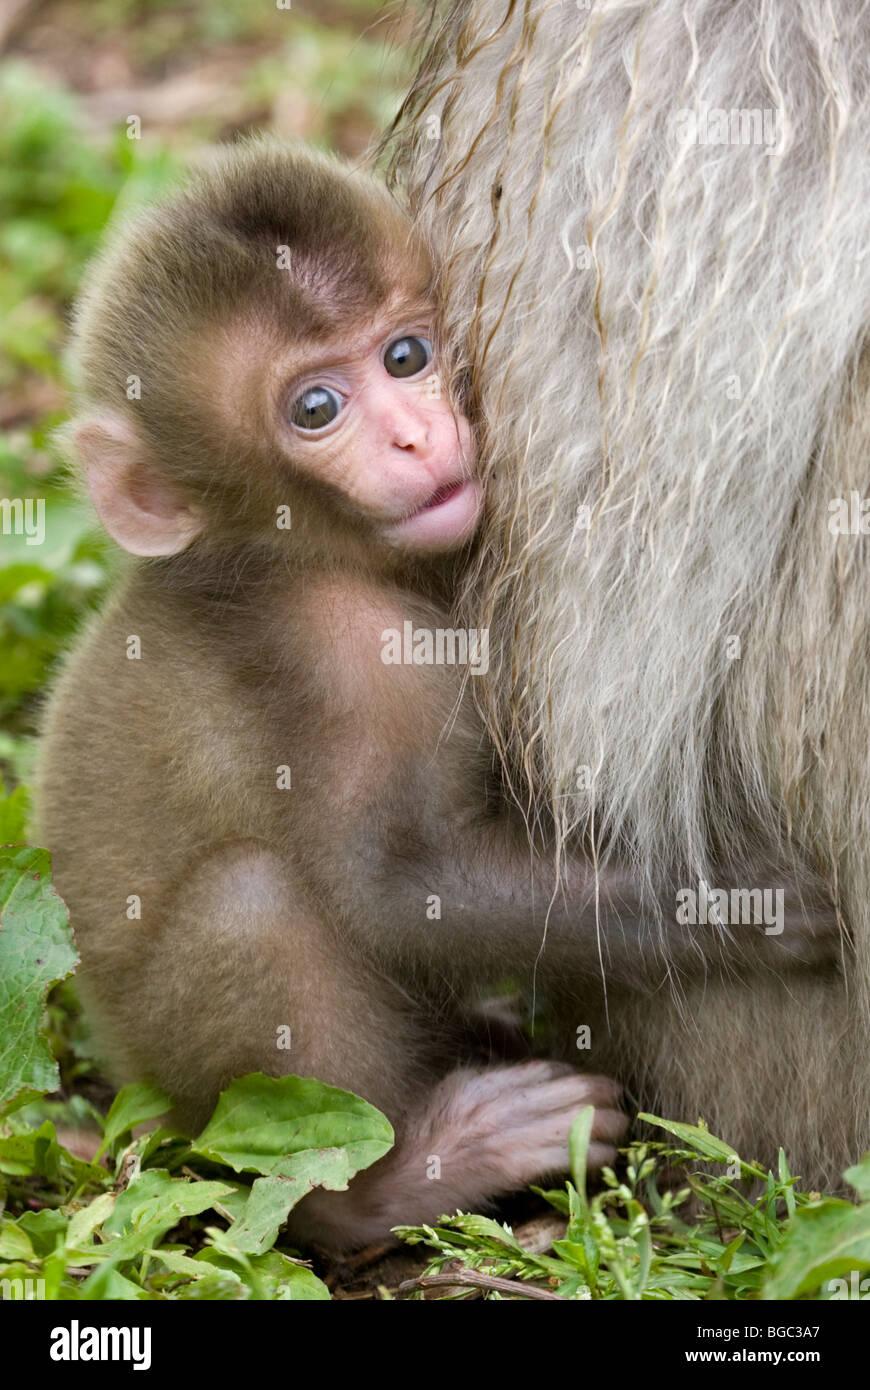 Macacos japoneses bebé aferrándose al pelaje de la madre (Macaca fuscata) Imagen De Stock